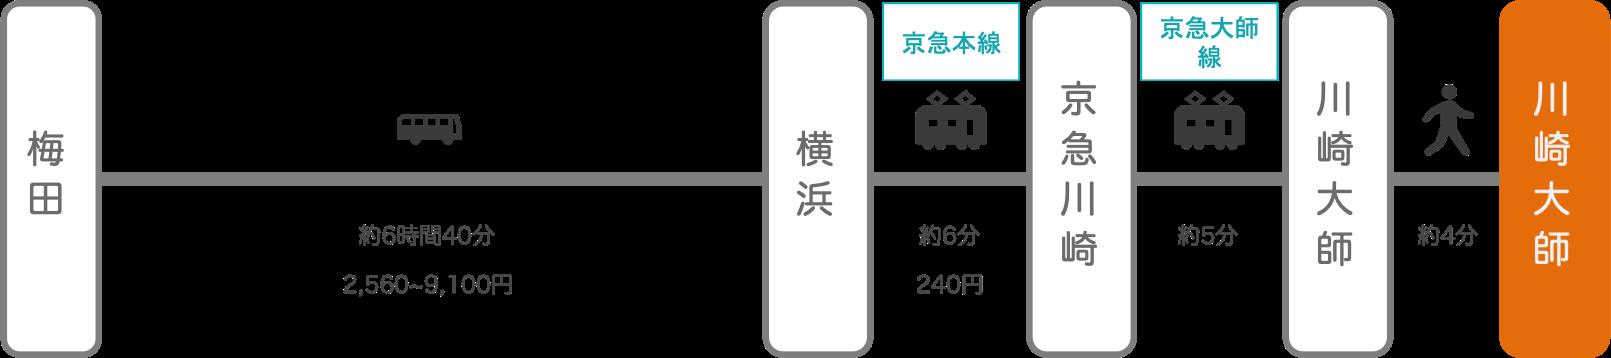 川崎大師_大阪_高速バス